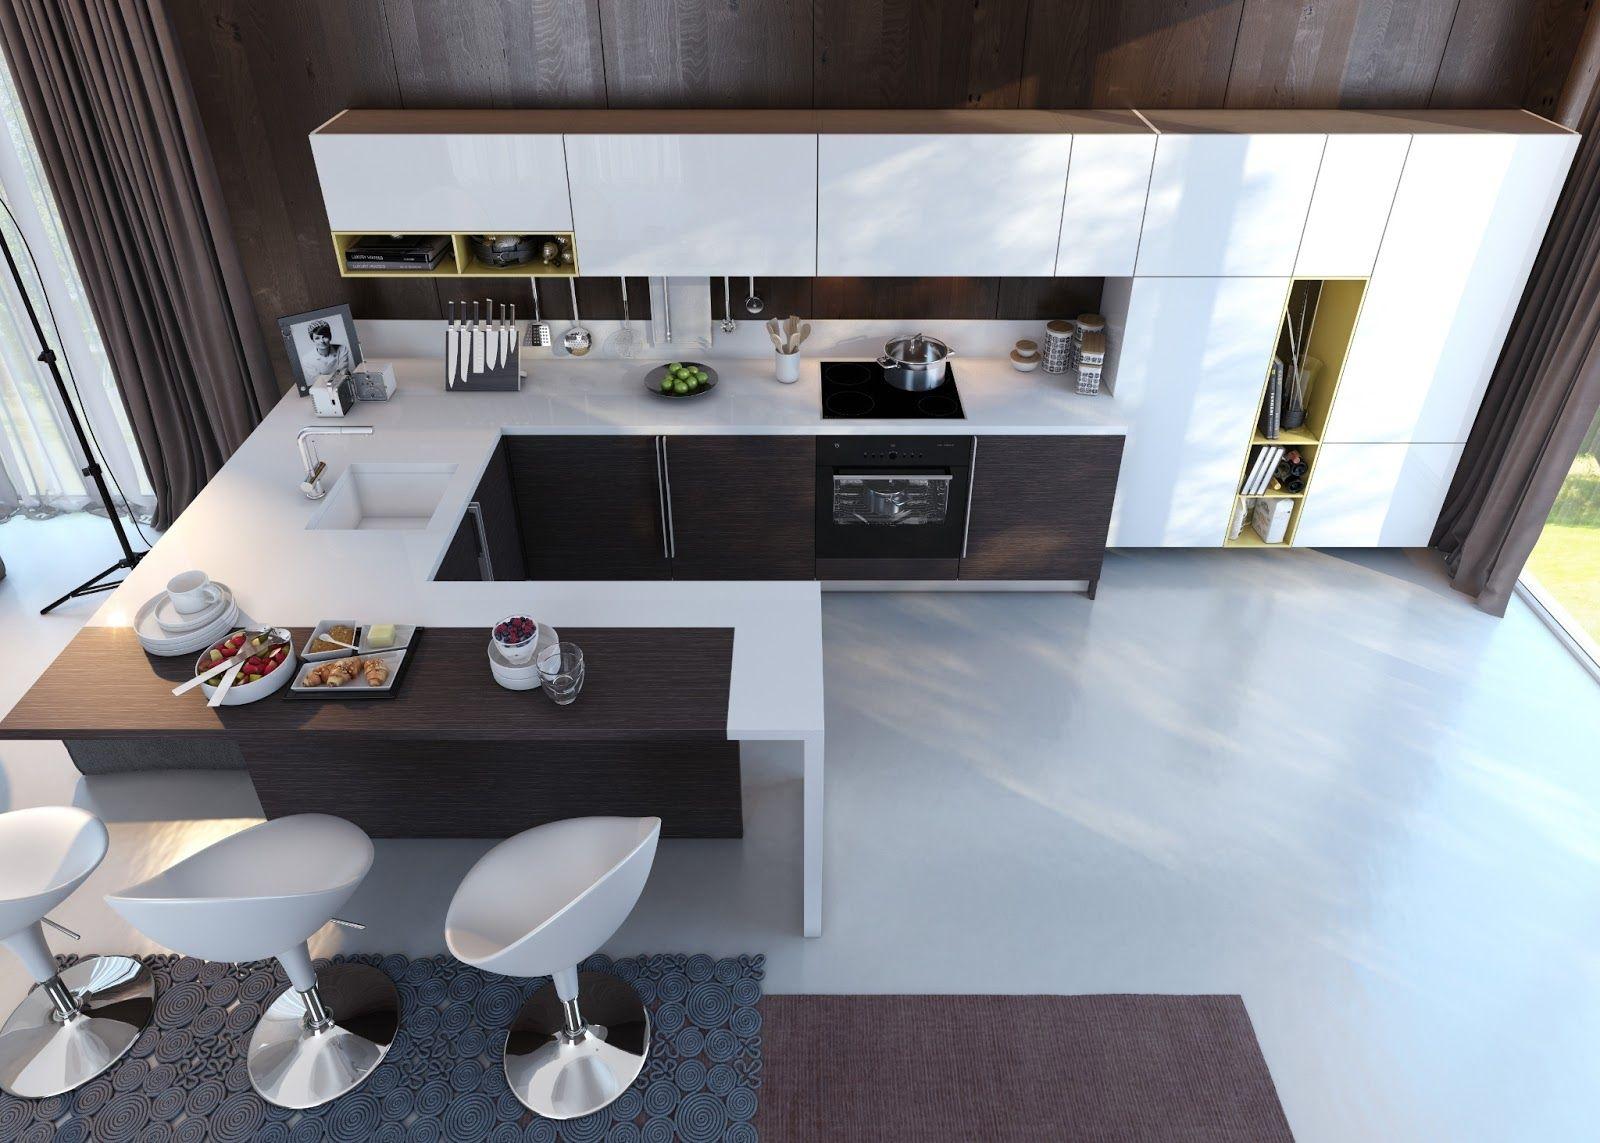 Perfect 2 Minimalist Kitchen Design That Will Stunning You By Artem Evstigneev